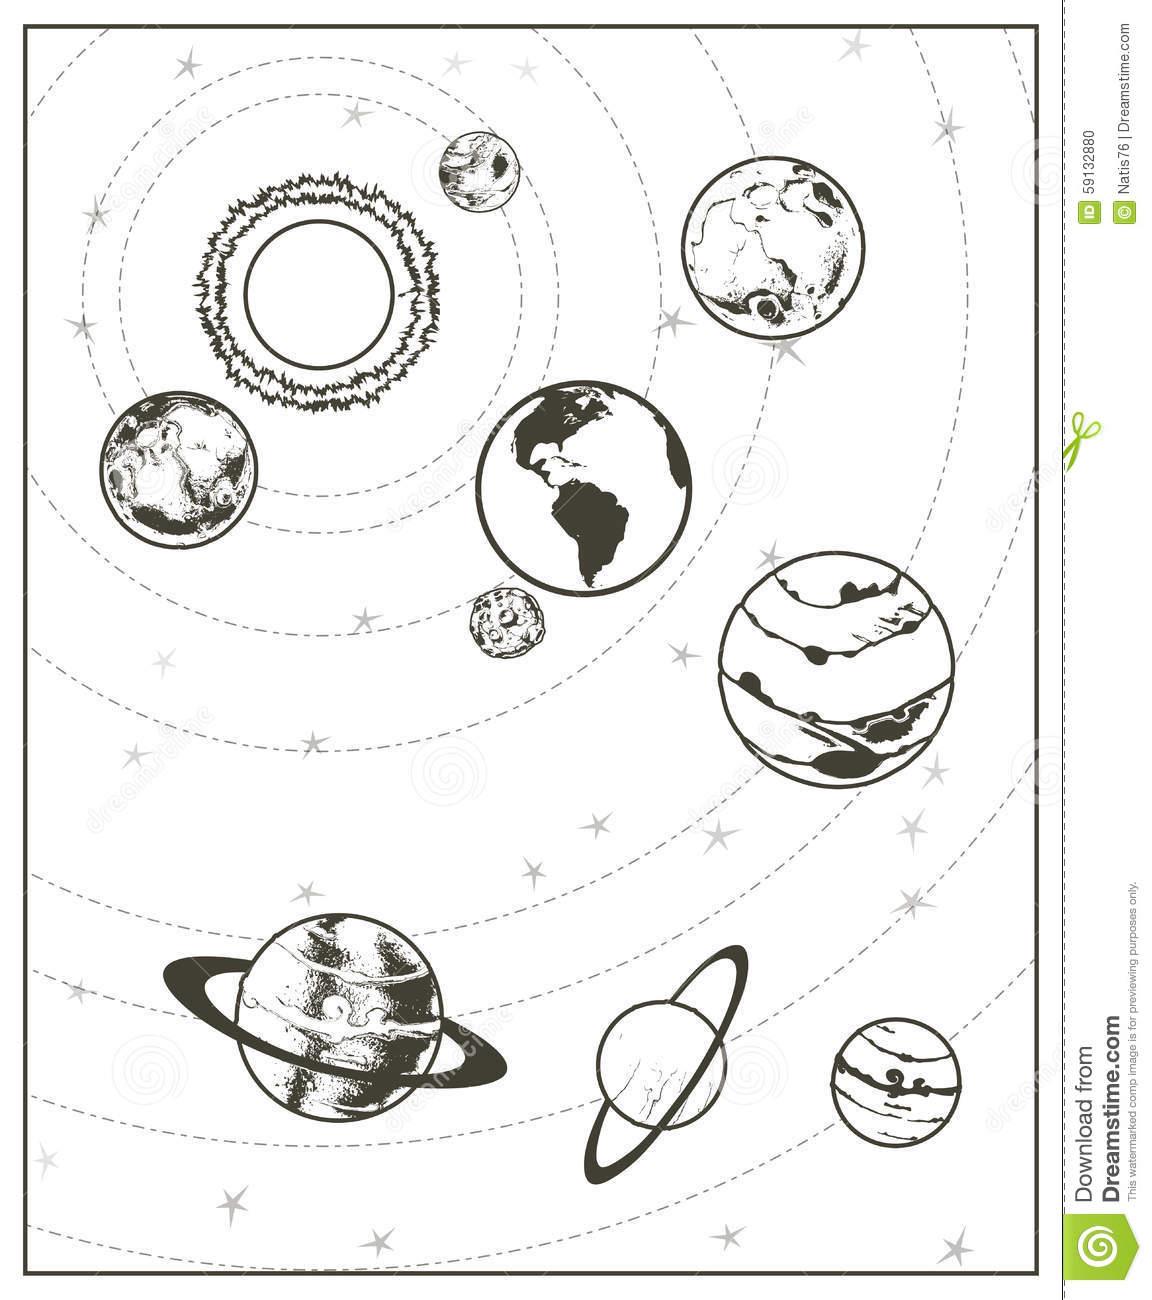 Système Solaire De Dessin Noir Illustration De Vecteur encequiconcerne Dessin Du Système Solaire